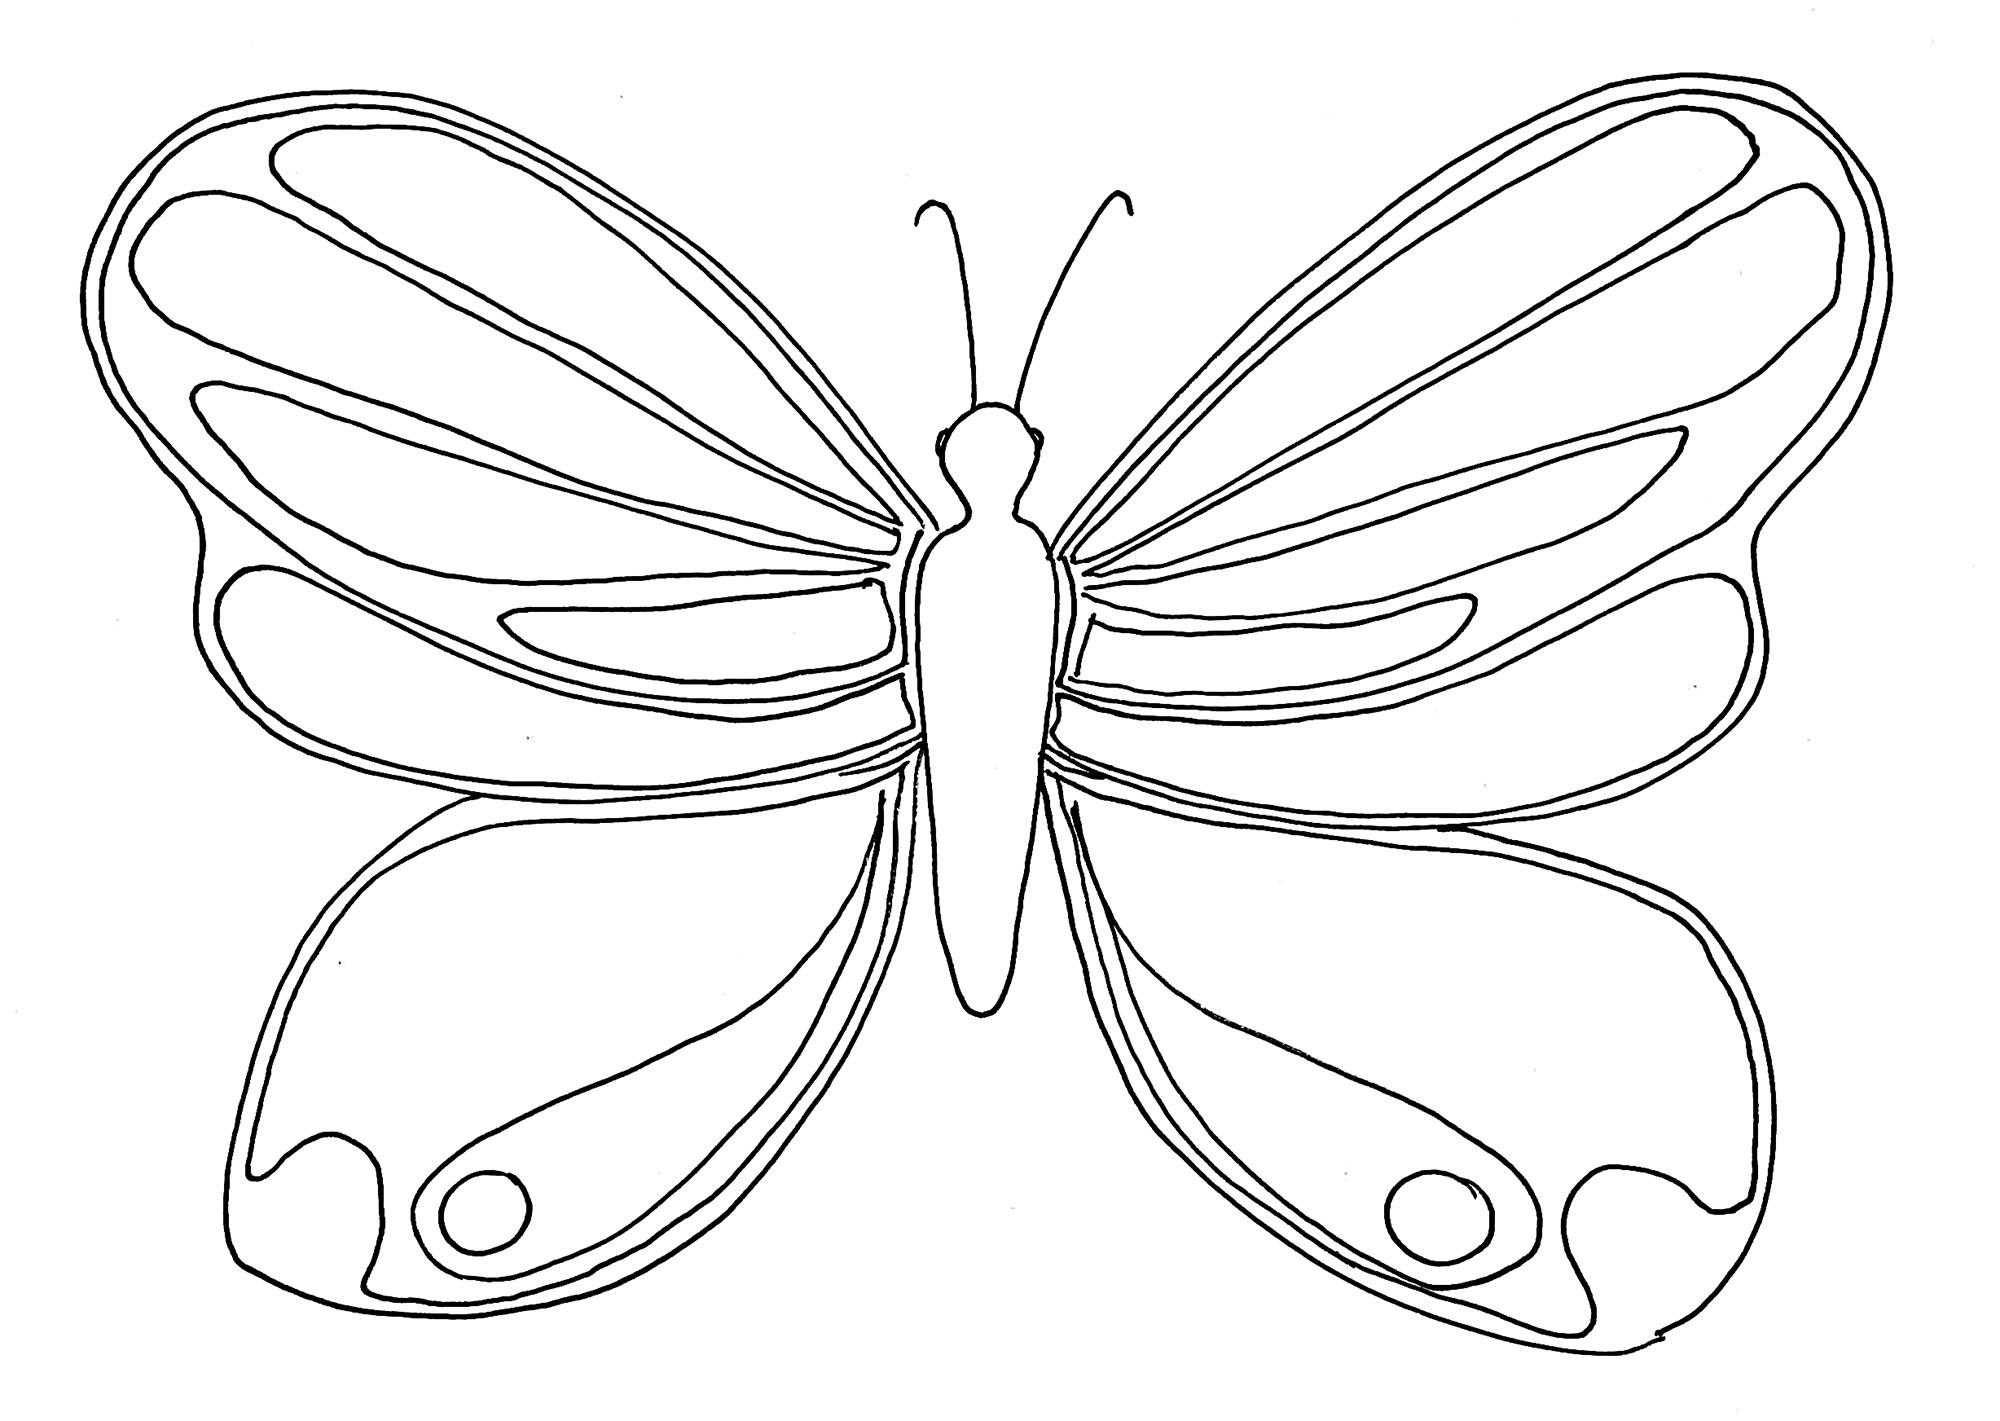 Tranh tô màu con bướm đơn giản cho bé cực đẹp